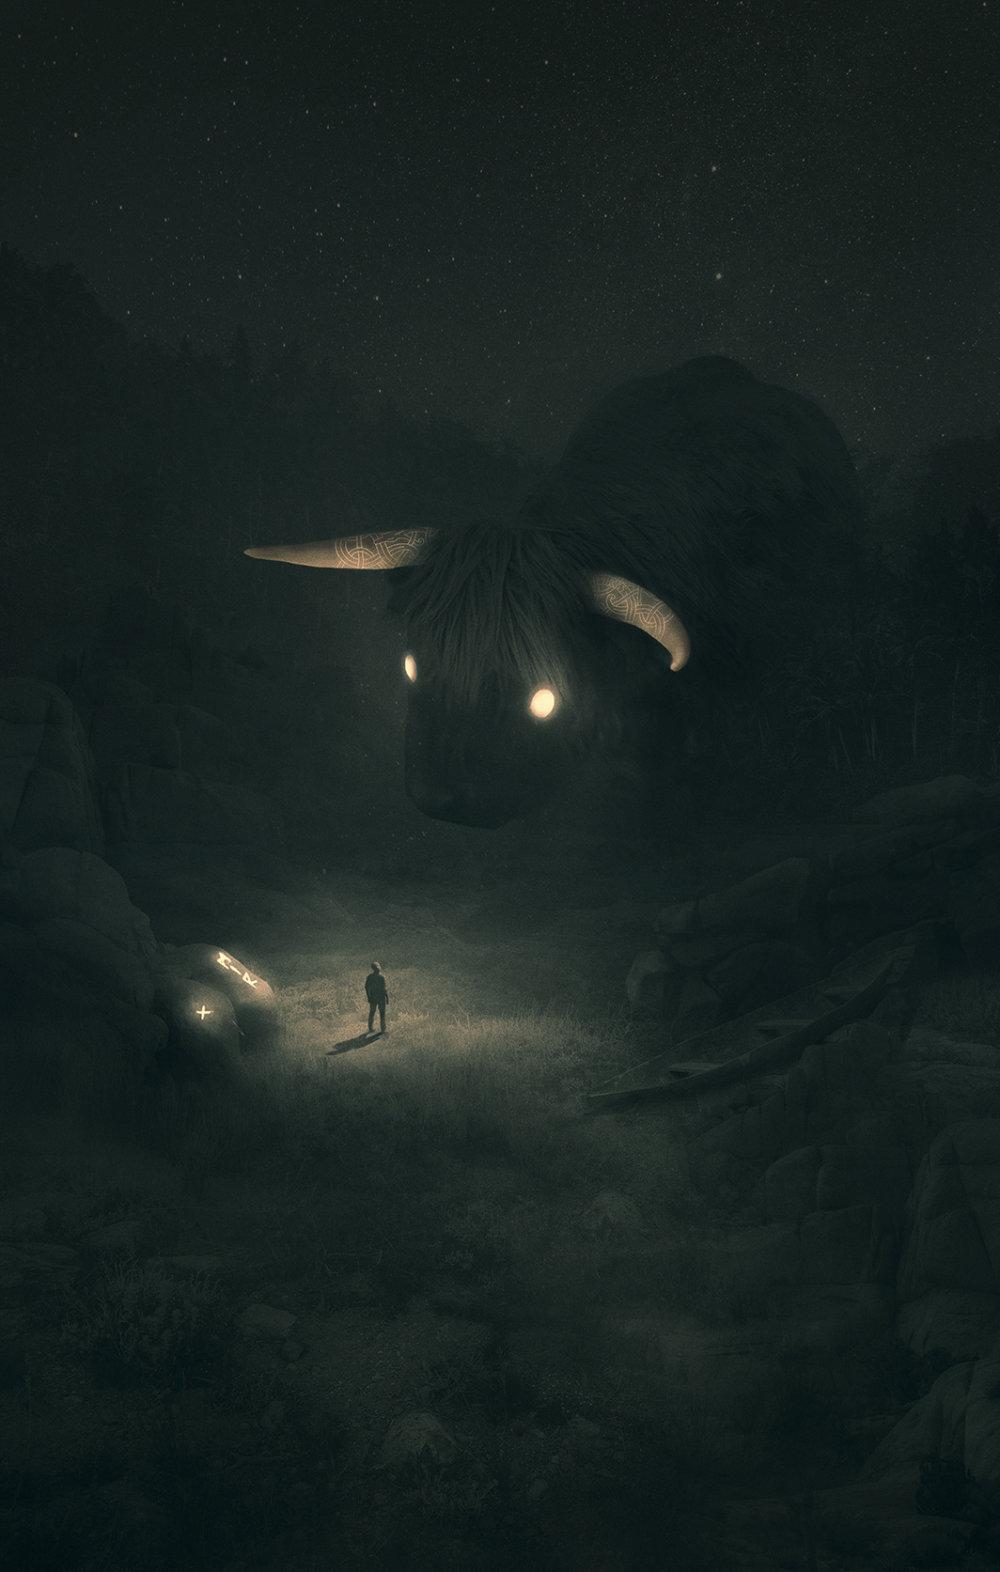 Fabulous Illustrations Of Mystic Beings In Gloomy Scenarios By Dawid Planeta 5